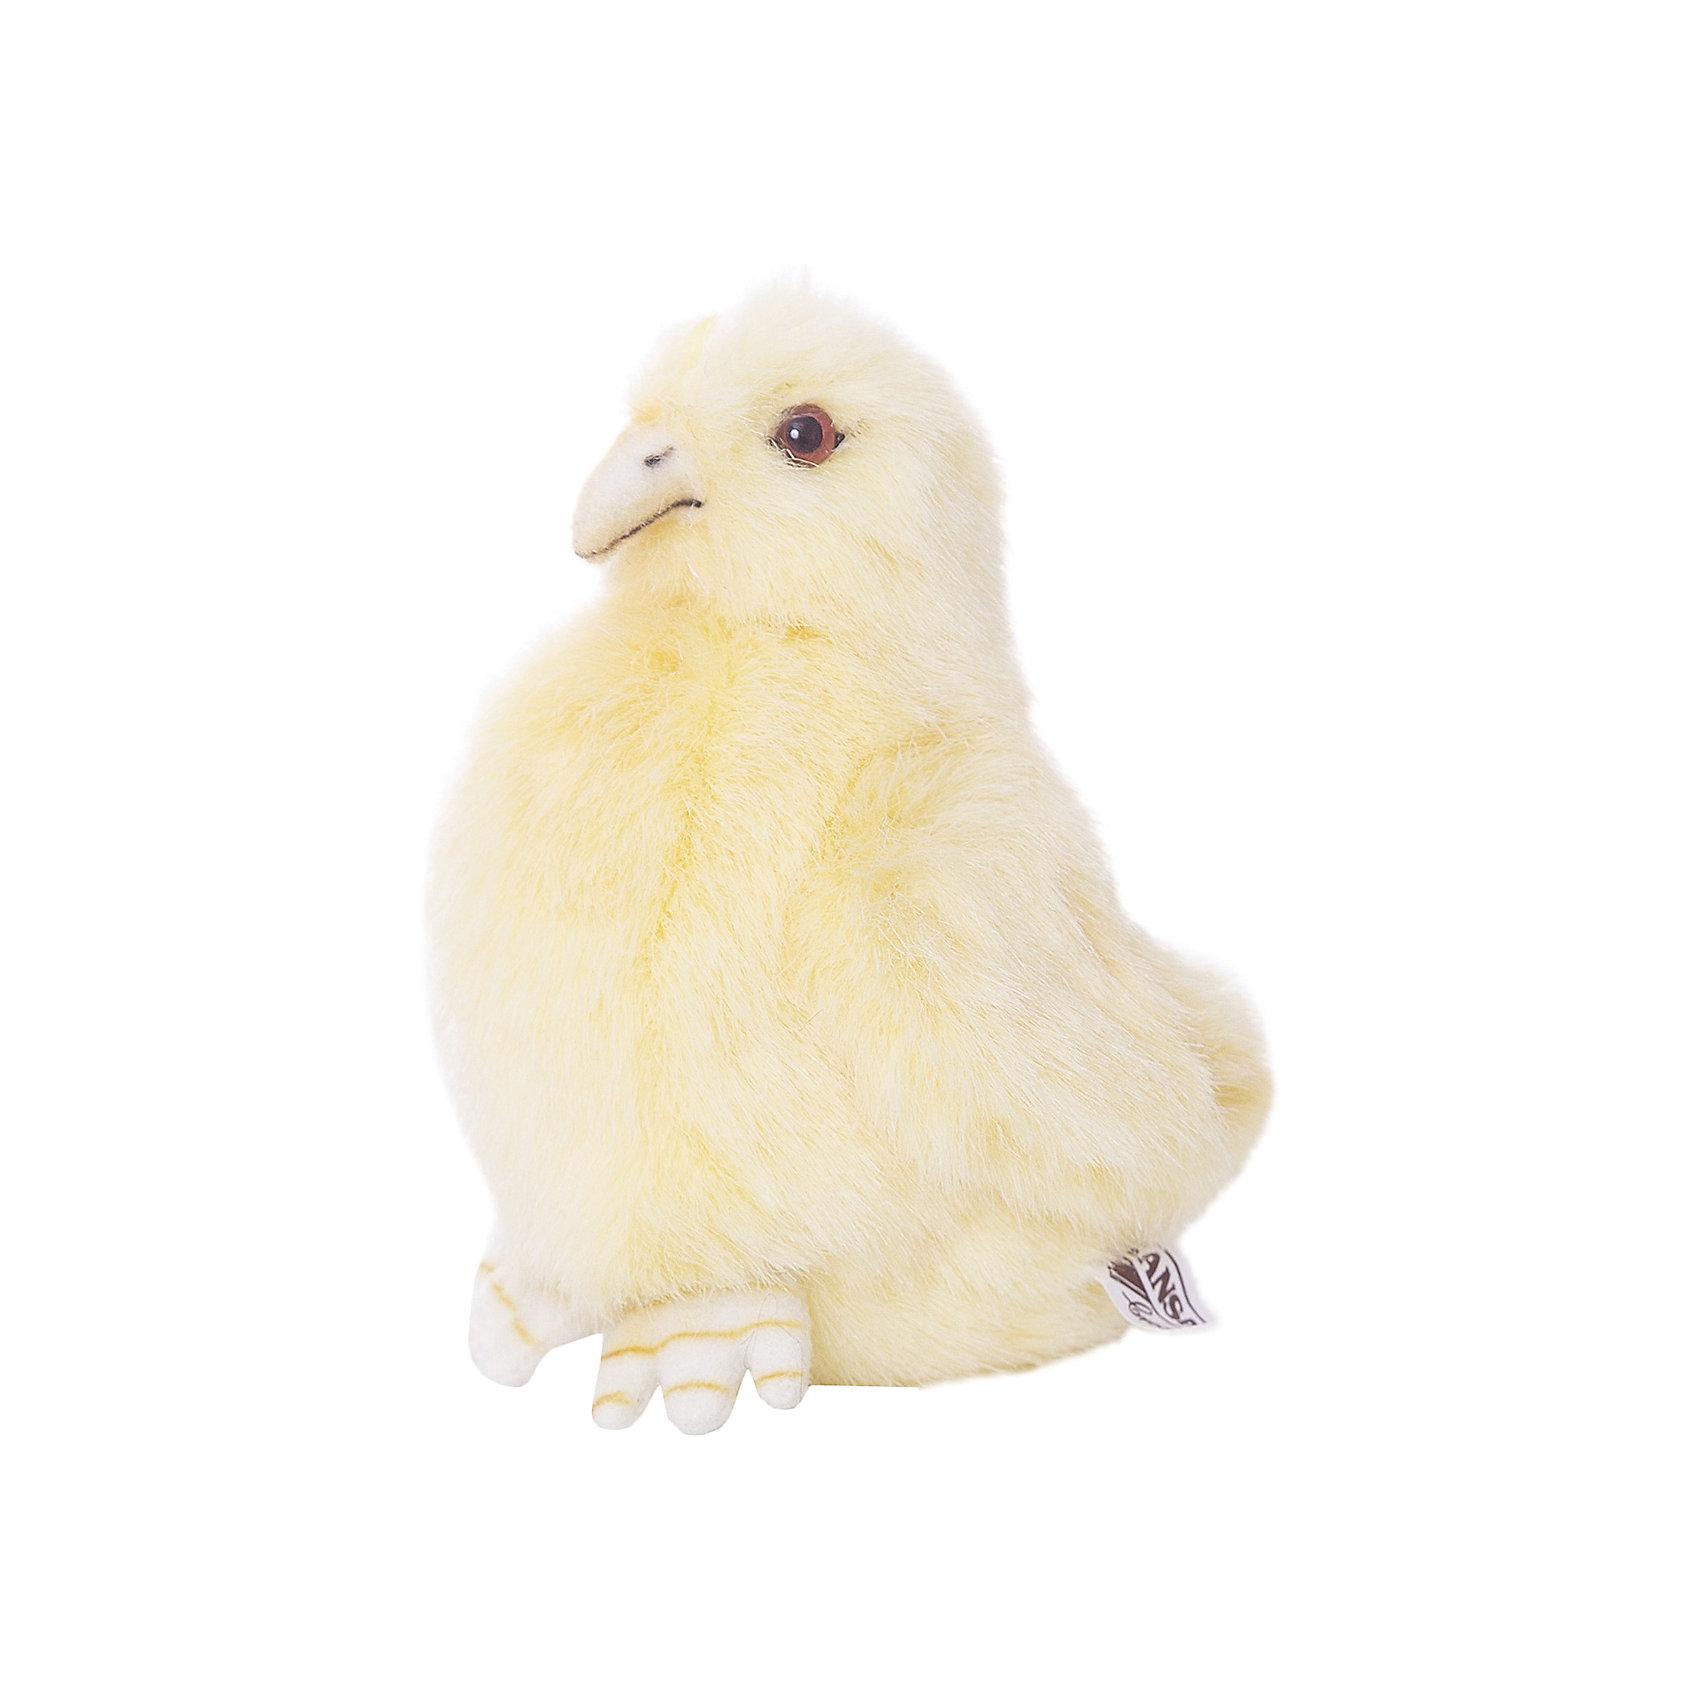 Цыпленок, 13 см,  HansaИгрушечная версия потешного маленького цыпленка с забавными крылышками и клювиком станет самой желанной игрушкой для Вашего малыша. Игрушка изготовлена известным производителем детских игрушек Hansa (Ханса). Приятный на ощупь, мягкий пушок цыпленка точно имитирует по цвету пух и окрас настоящего животного. Внутри мягкая игрушка плотно набита вручную искусственным мехом, волокна которого не содержат вредных химических раздражителей. Игрушка Цыпленок  от Hansa (Ханса) разнообразит детские игры, благоприятно воздействуя на развитие воображение и фантазии, зрительное и тактильное восприятие. Игрушка сшита вручную из искусственного меха, текстиля и иных материалов высокого качества.  Модель может быть использована не только в качестве классической мягкой игрушки, но и как элемент декора в интерьере.<br>Заведите себе мягкого симпатичного цыпленка!<br><br>Дополнительная информация:<br><br>- Высота: 13 см;<br>- Материал: искусственный мех, текстиль;<br>- Размер упаковки: 13 х 10 х 12 см;<br>- Вес с упаковкой: 25 г.<br><br>Цыпленка 13 см,  Hansa (Ханса) можно купить в нашем интернет-магазине.<br><br>Ширина мм: 130<br>Глубина мм: 120<br>Высота мм: 100<br>Вес г: 25<br>Возраст от месяцев: 144<br>Возраст до месяцев: 252<br>Пол: Унисекс<br>Возраст: Детский<br>SKU: 3563697